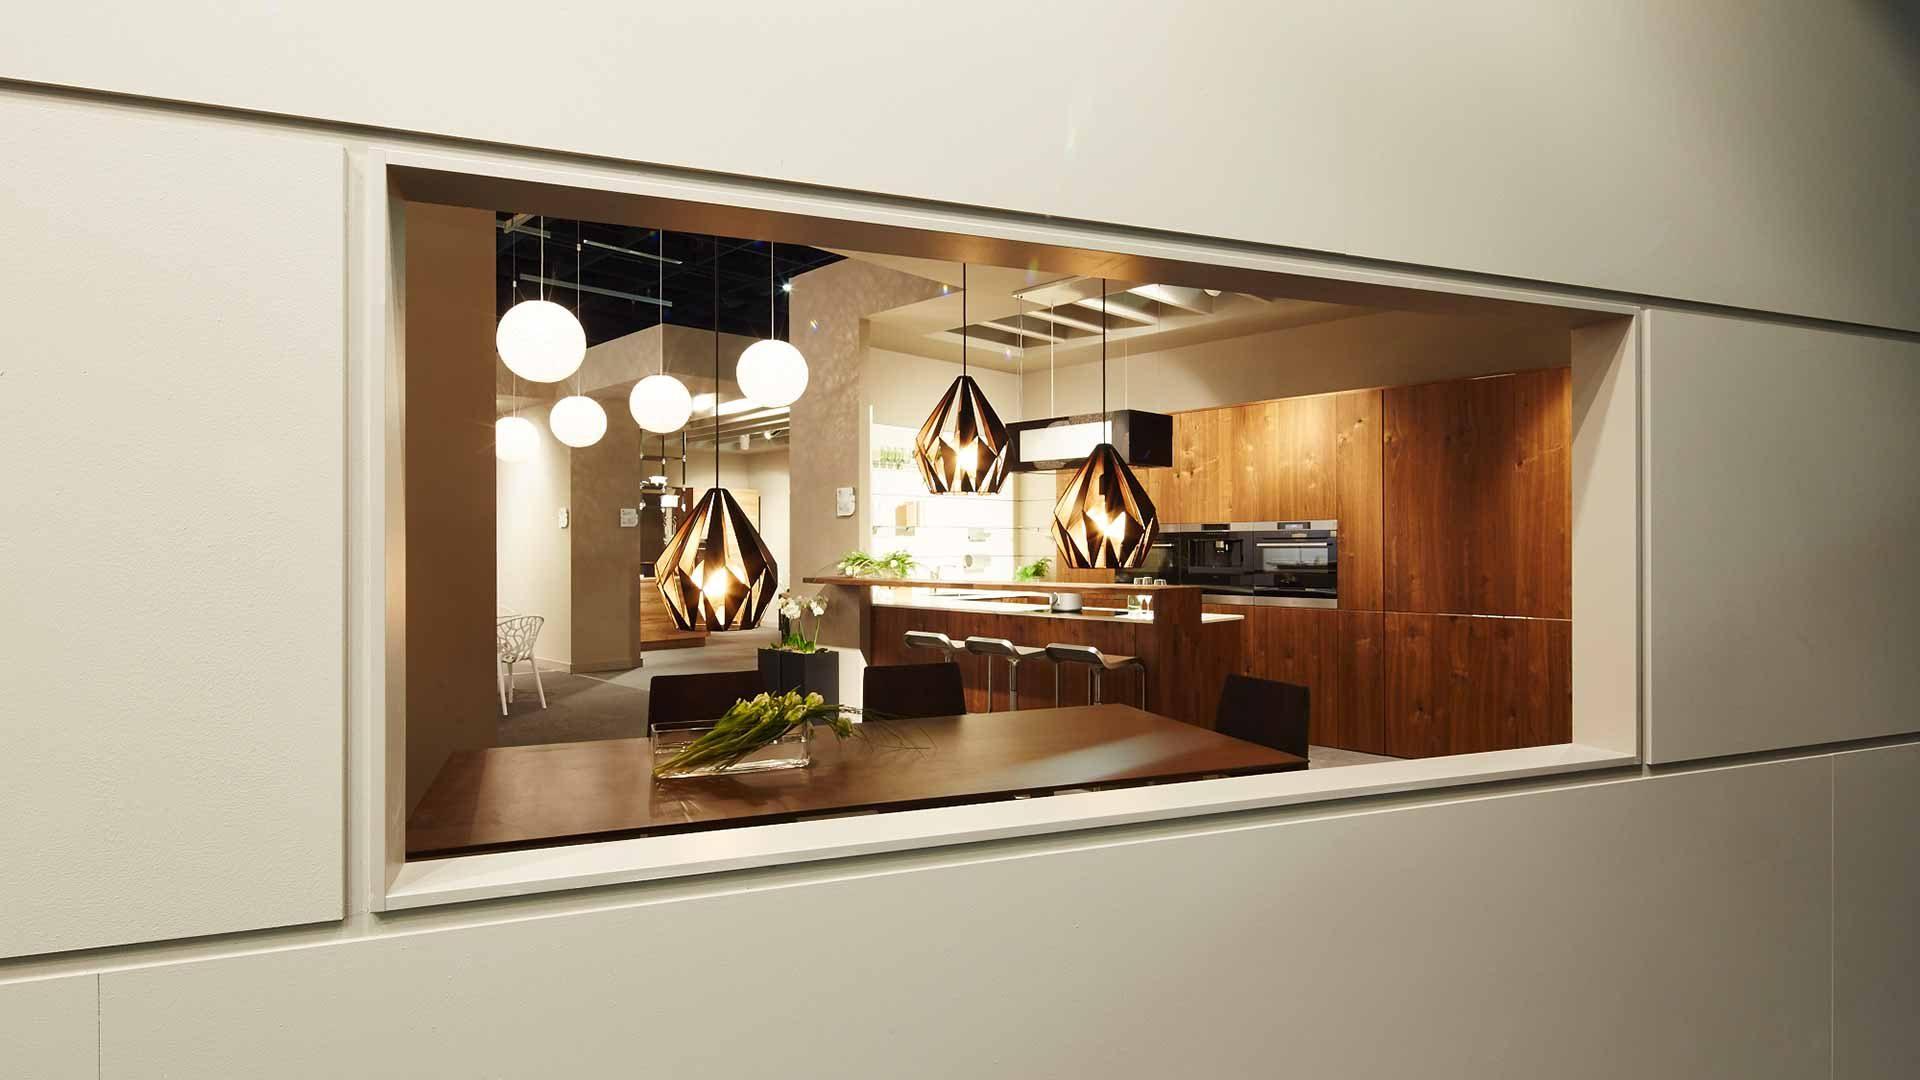 sachsenk chen auf der living kitchen 2017 sachsenk chen. Black Bedroom Furniture Sets. Home Design Ideas